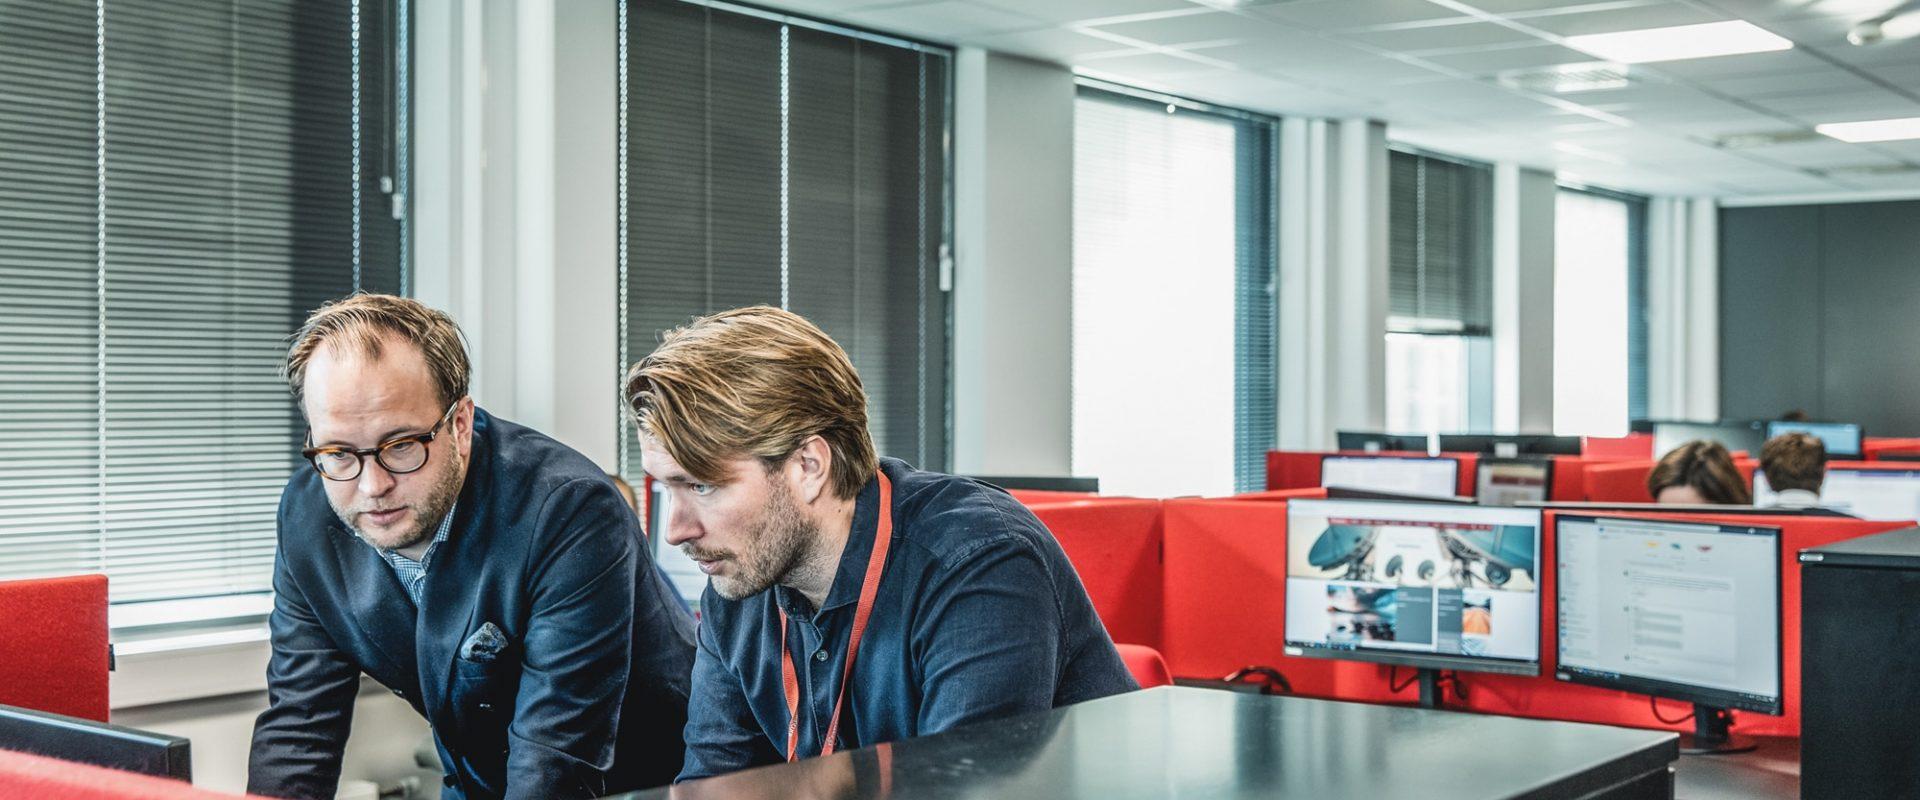 kollegaer diskuterer kategoristyring